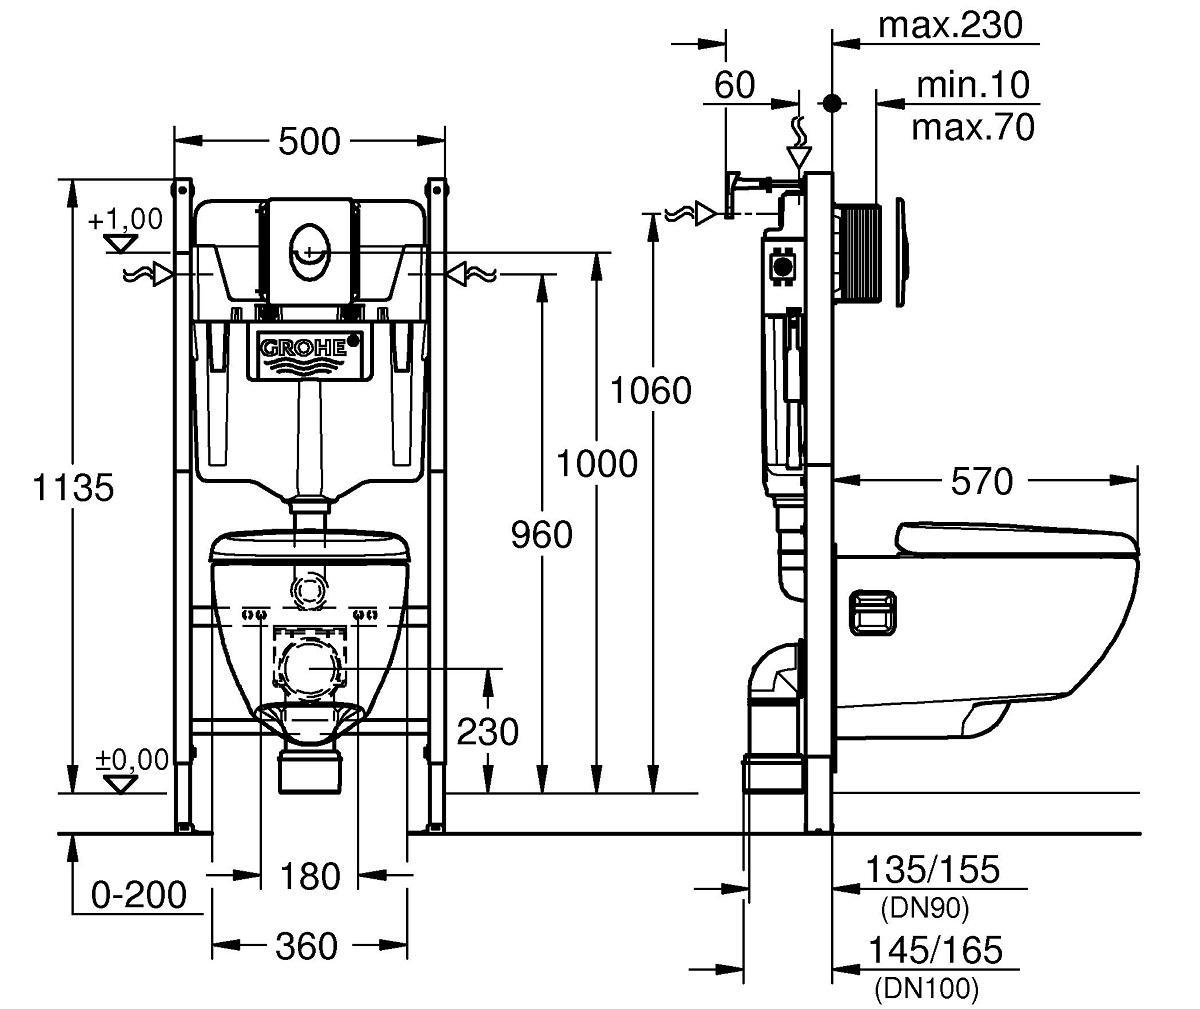 kích thước bồn cầu và tiêu chuẩn lắp Đặt